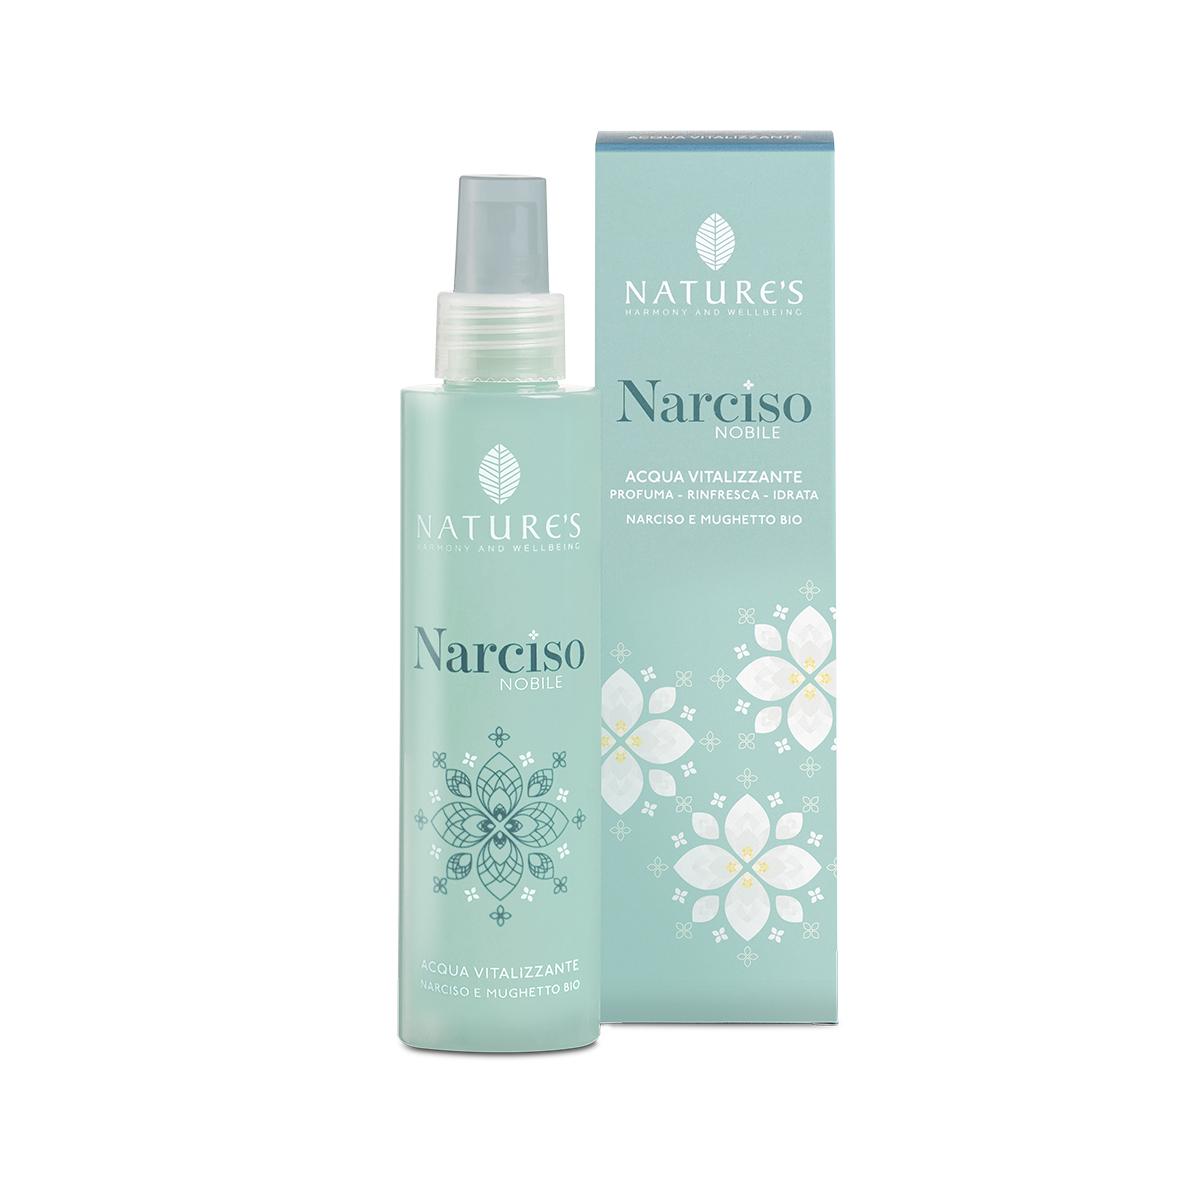 Acqua Vitalizzante Narciso Nobile